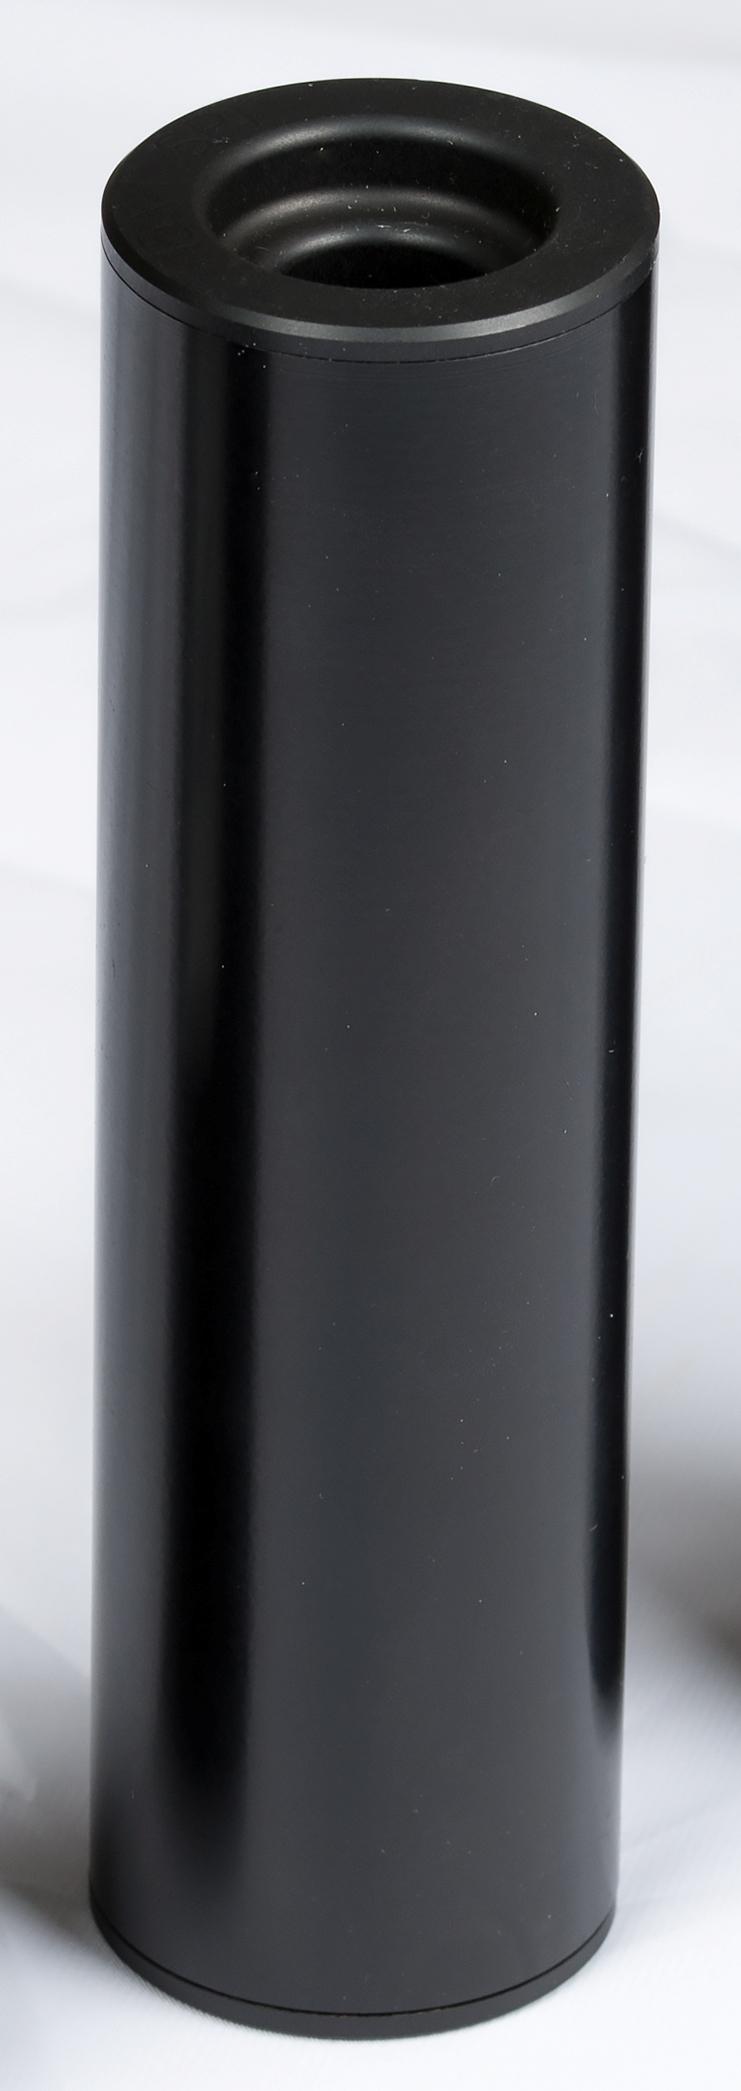 Osuma äänenvaimennin 220  9,3mm 17x1 spigot musta